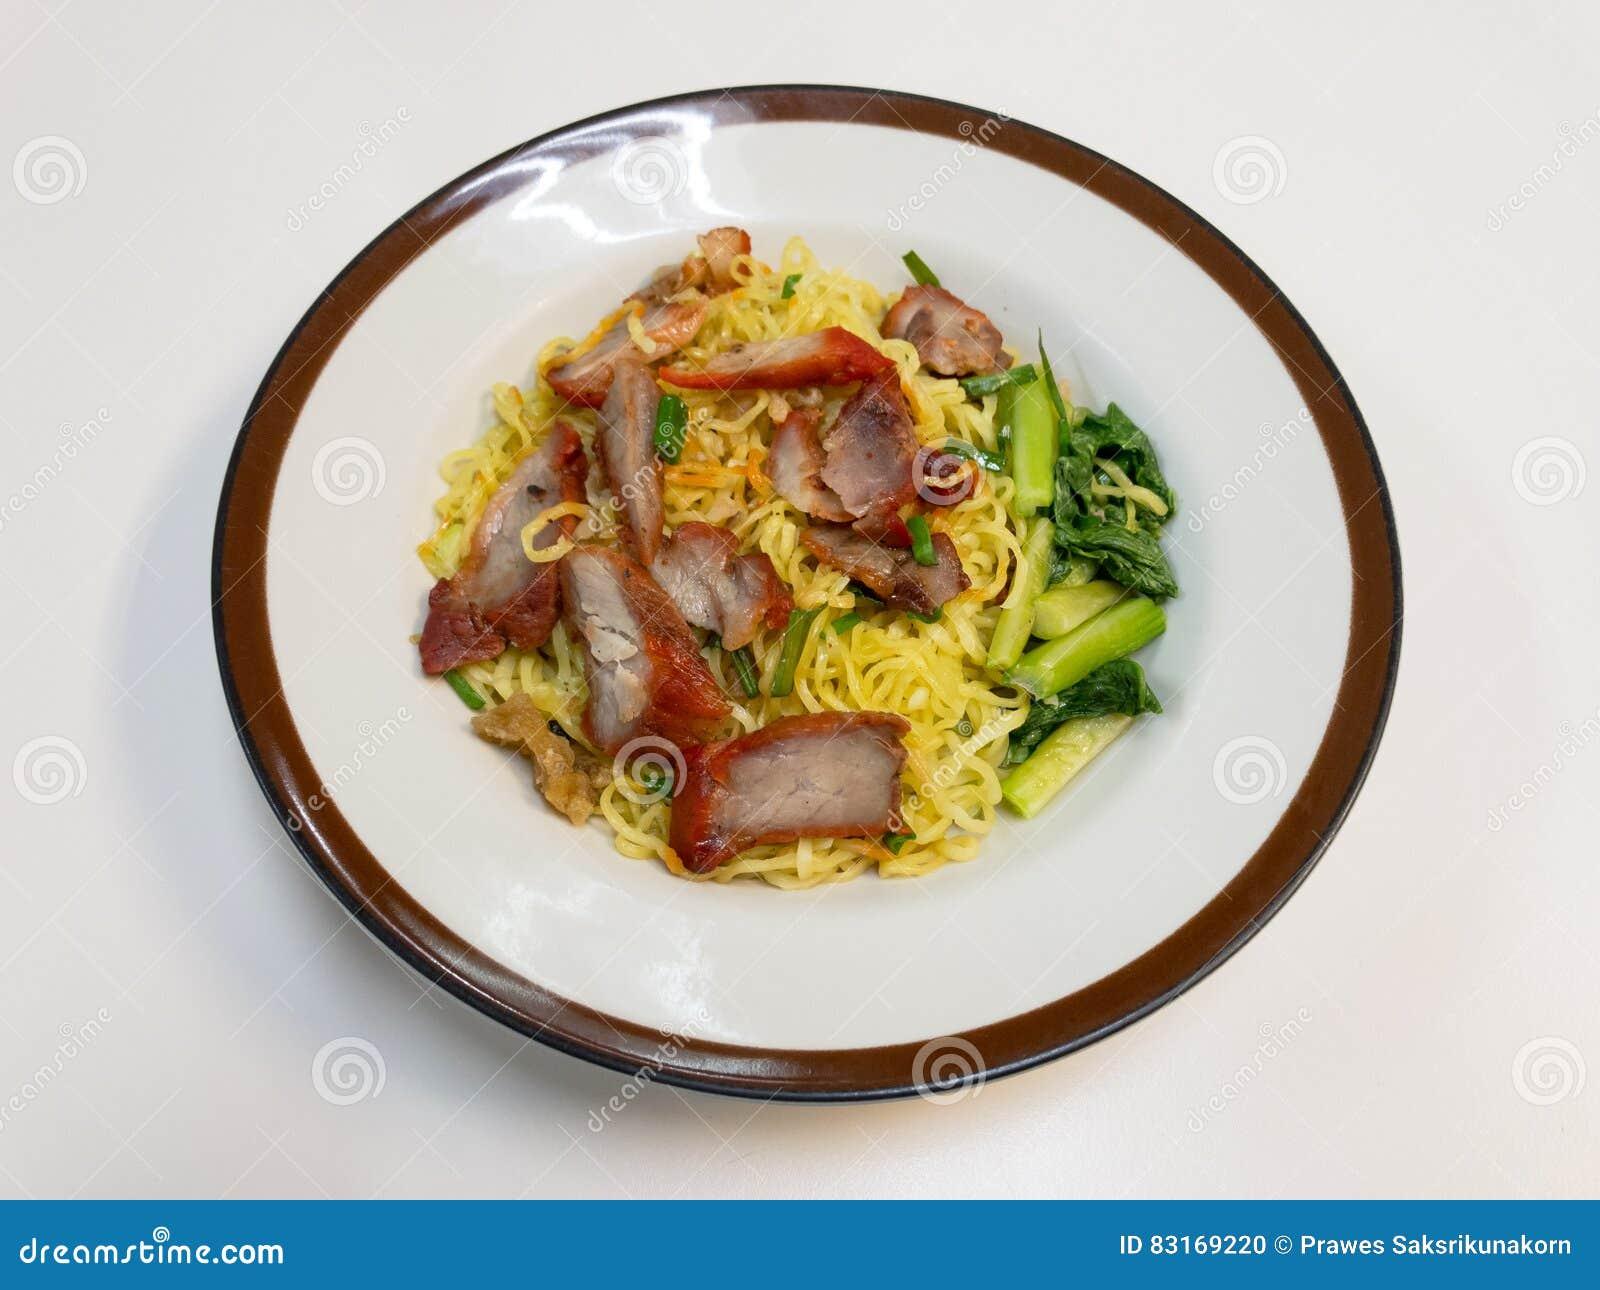 Kantonesische Küche | Chinesische Nudeln Eine Chinesische Kuche Des Kantonesisch Dienten